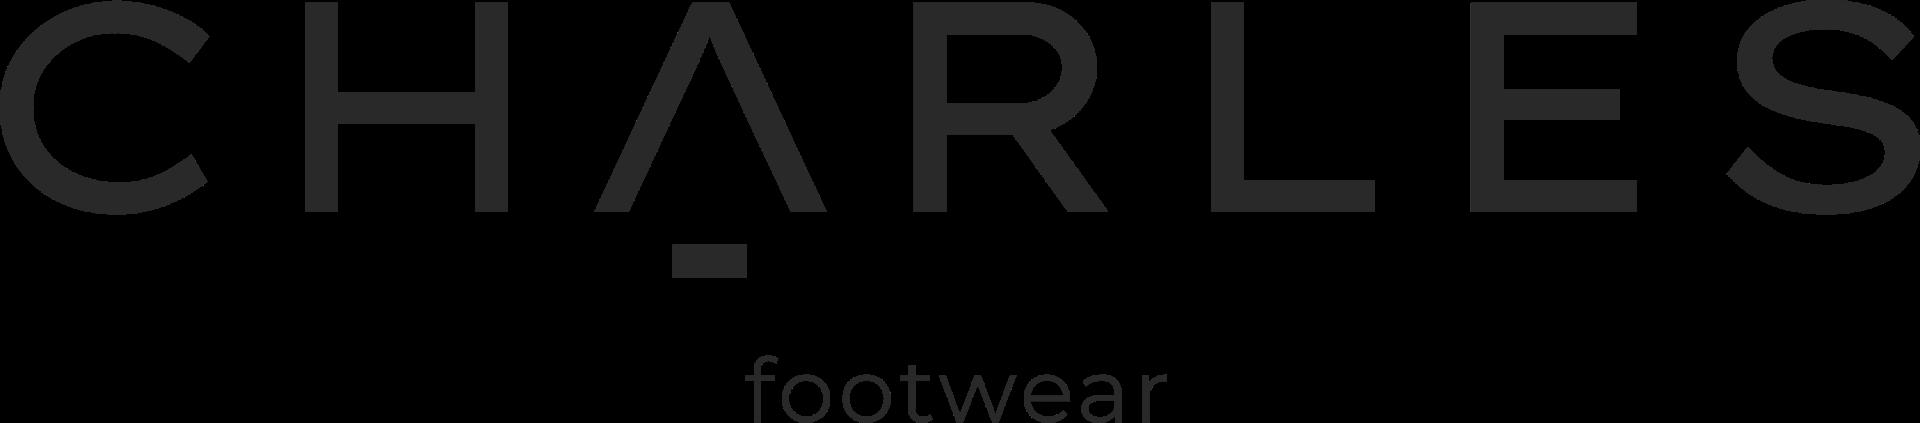 Charles Footwear